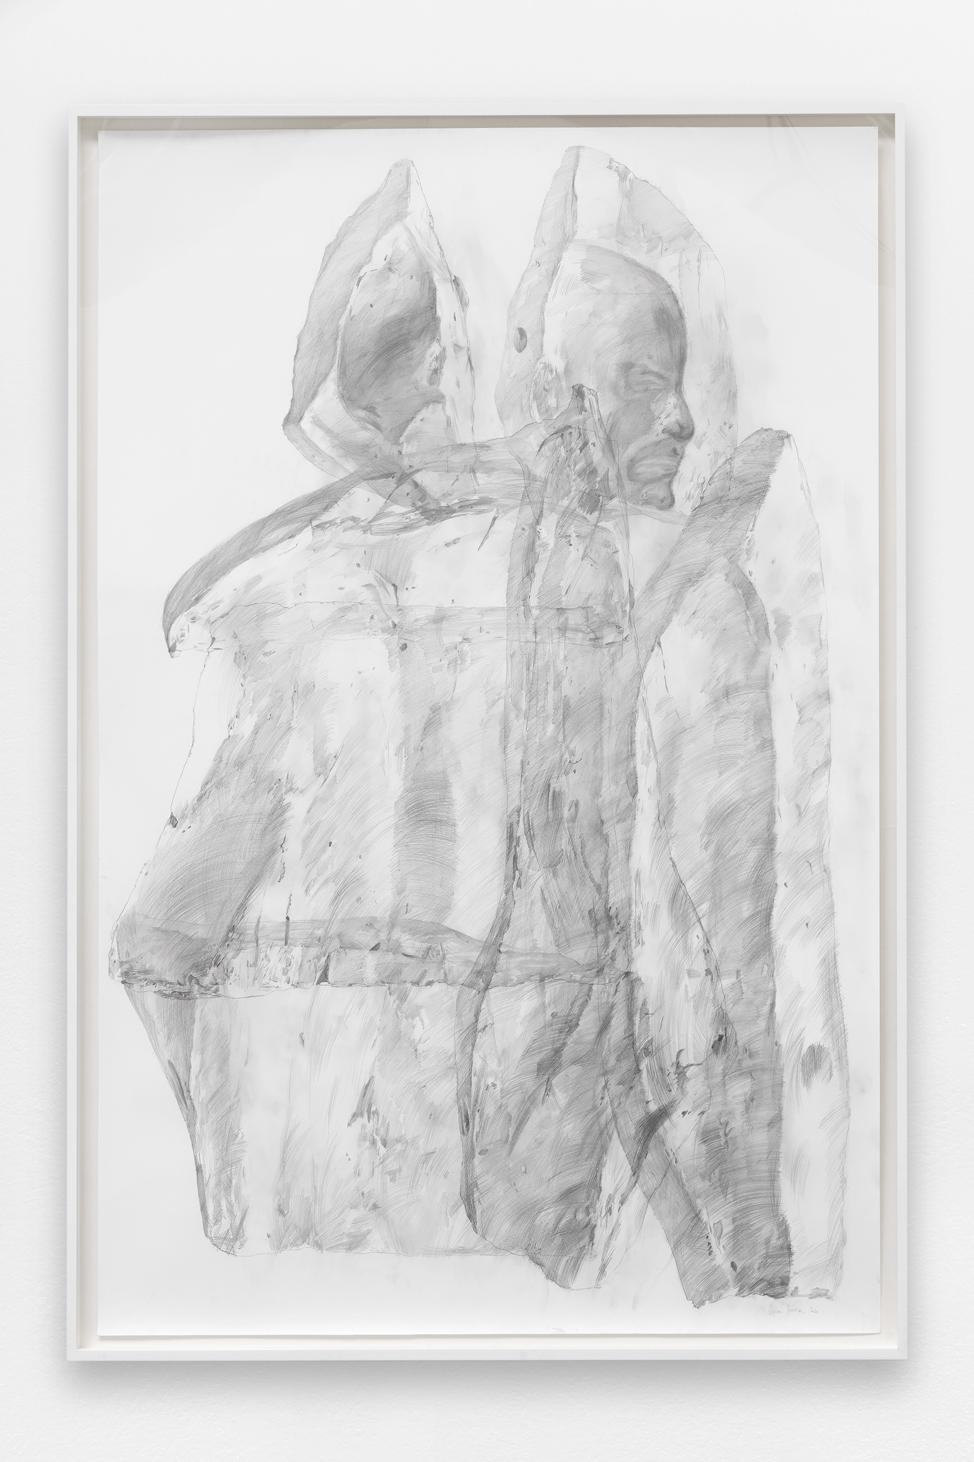 Spectre #3 , Ciprian Mureșan, 2020, Pencil on paper, 211 x 161 x 7 cm  — Galerie Éric Hussenot, Paris